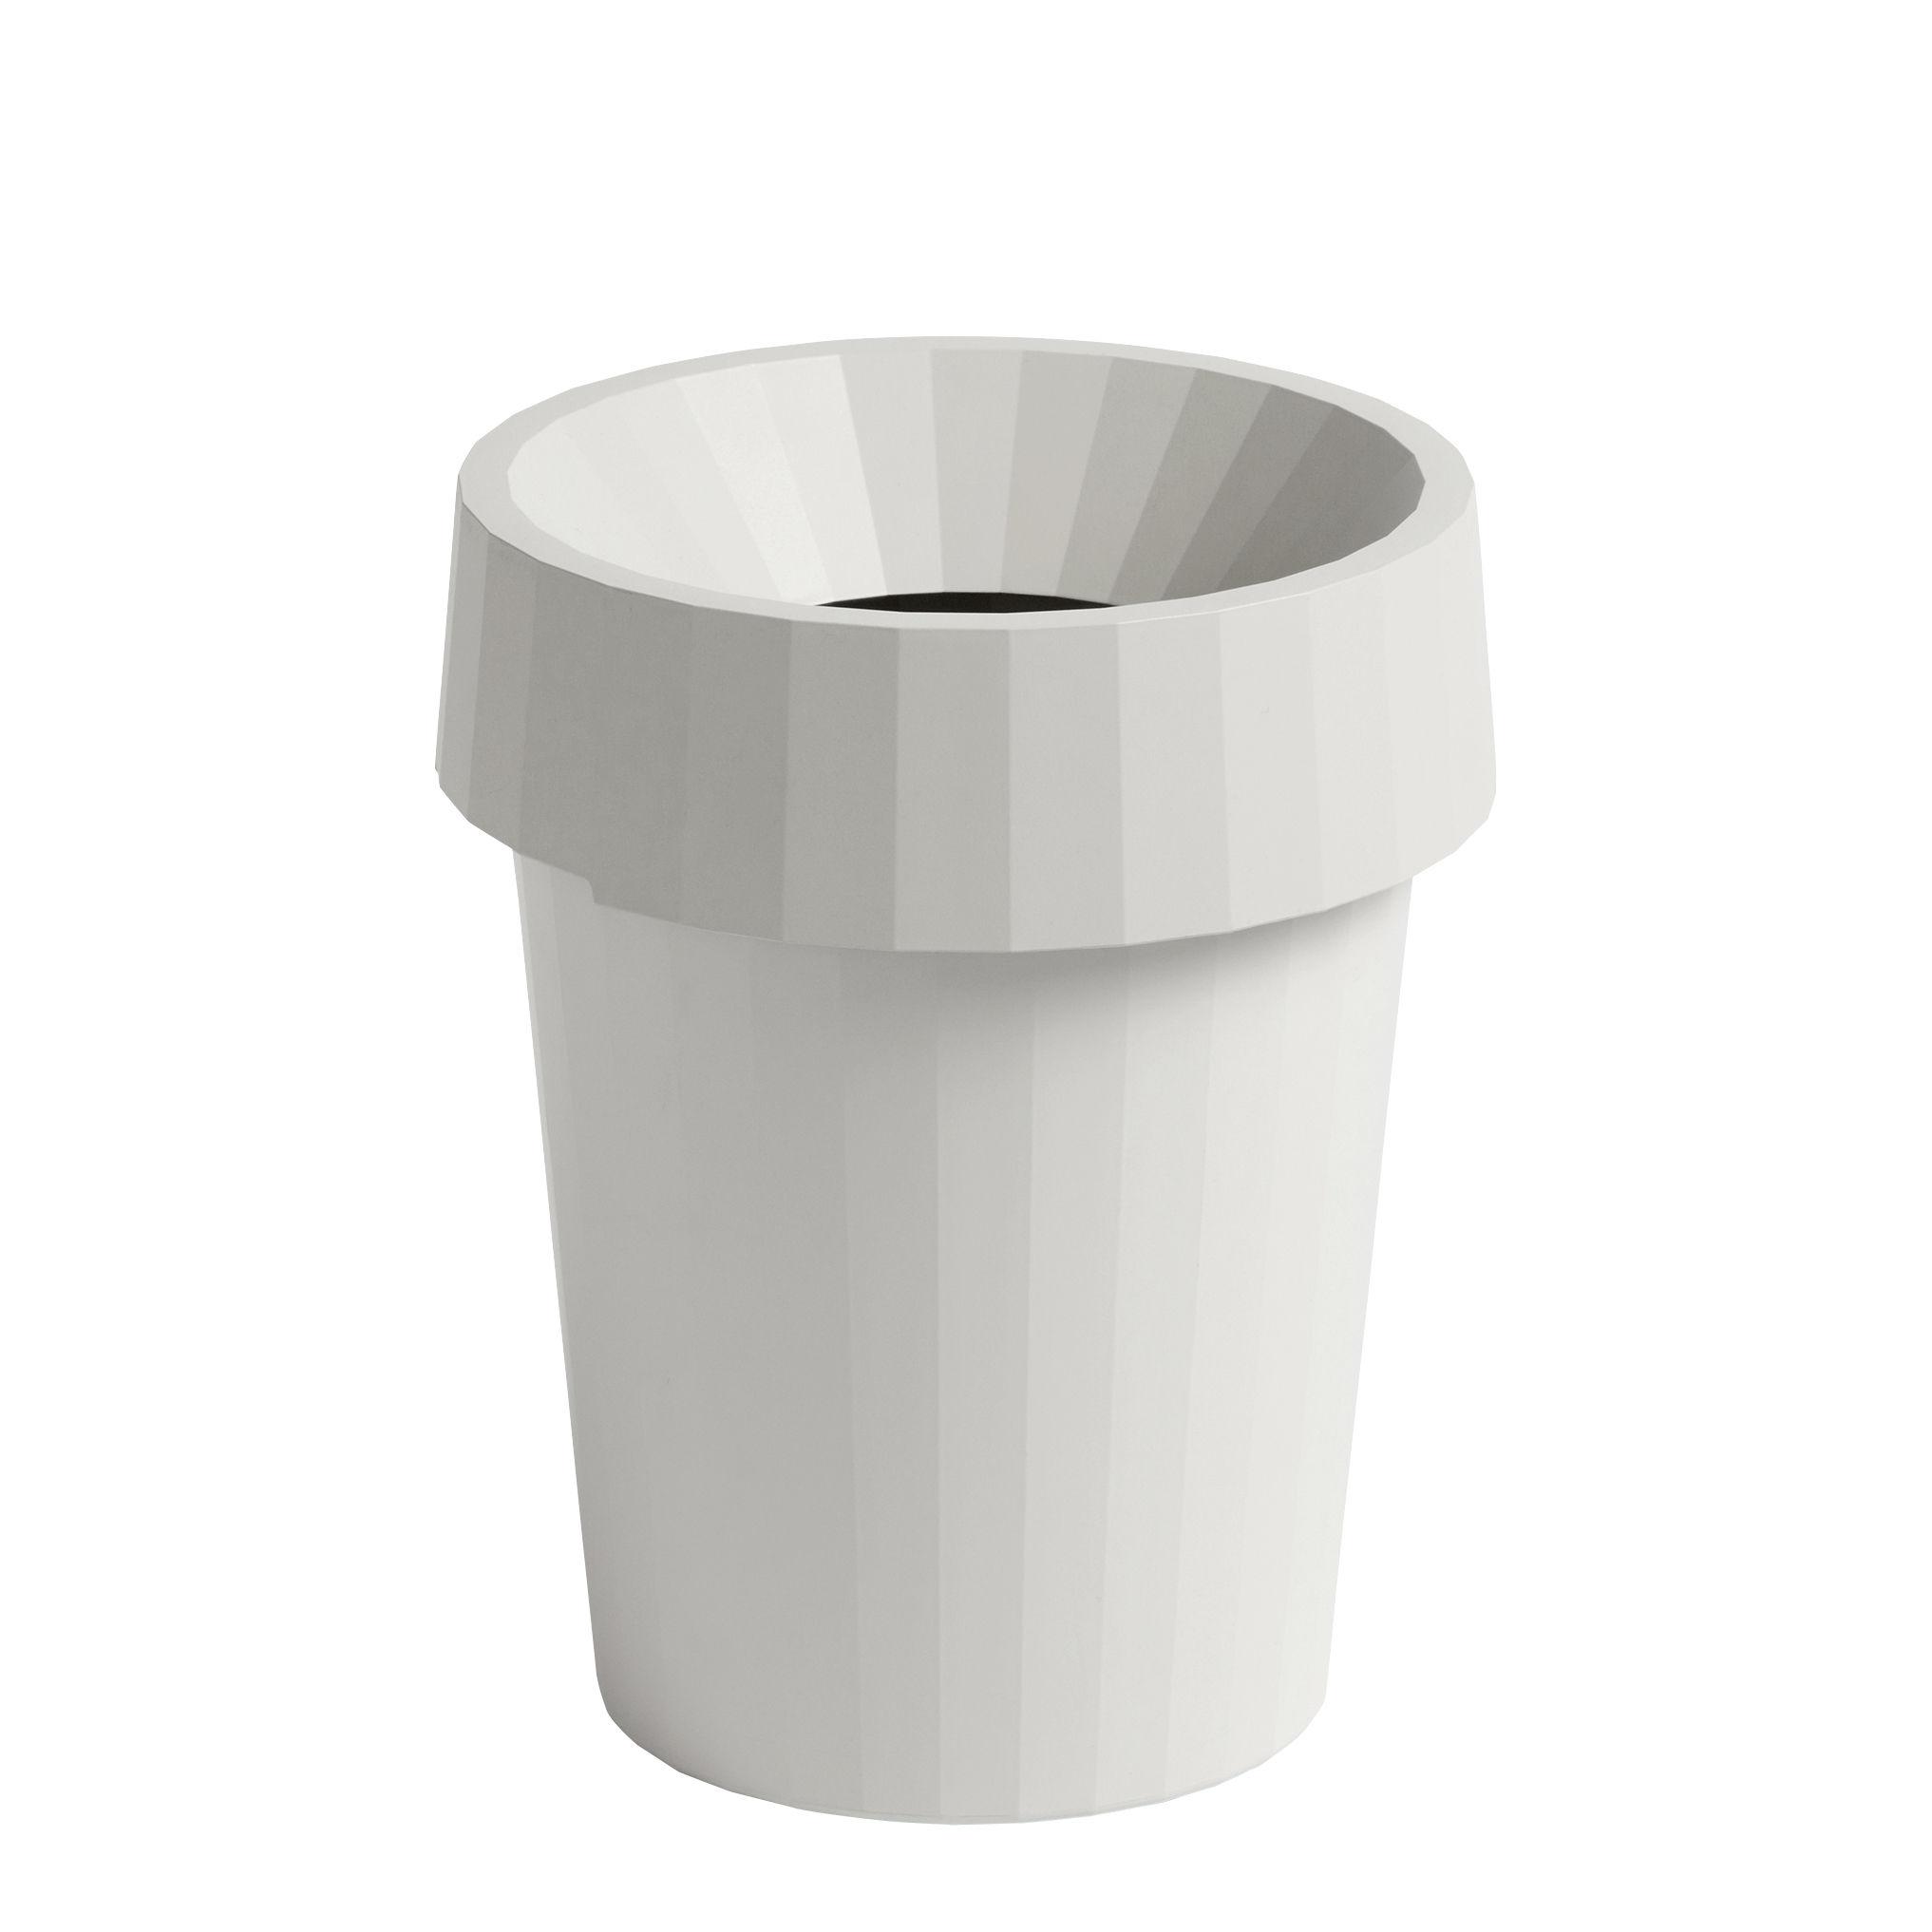 Accessoires - Accessoires bureau - Corbeille à papier Shade / Ø 30 x H 37 cm - Hay - Blanc - Polypropylène recyclable